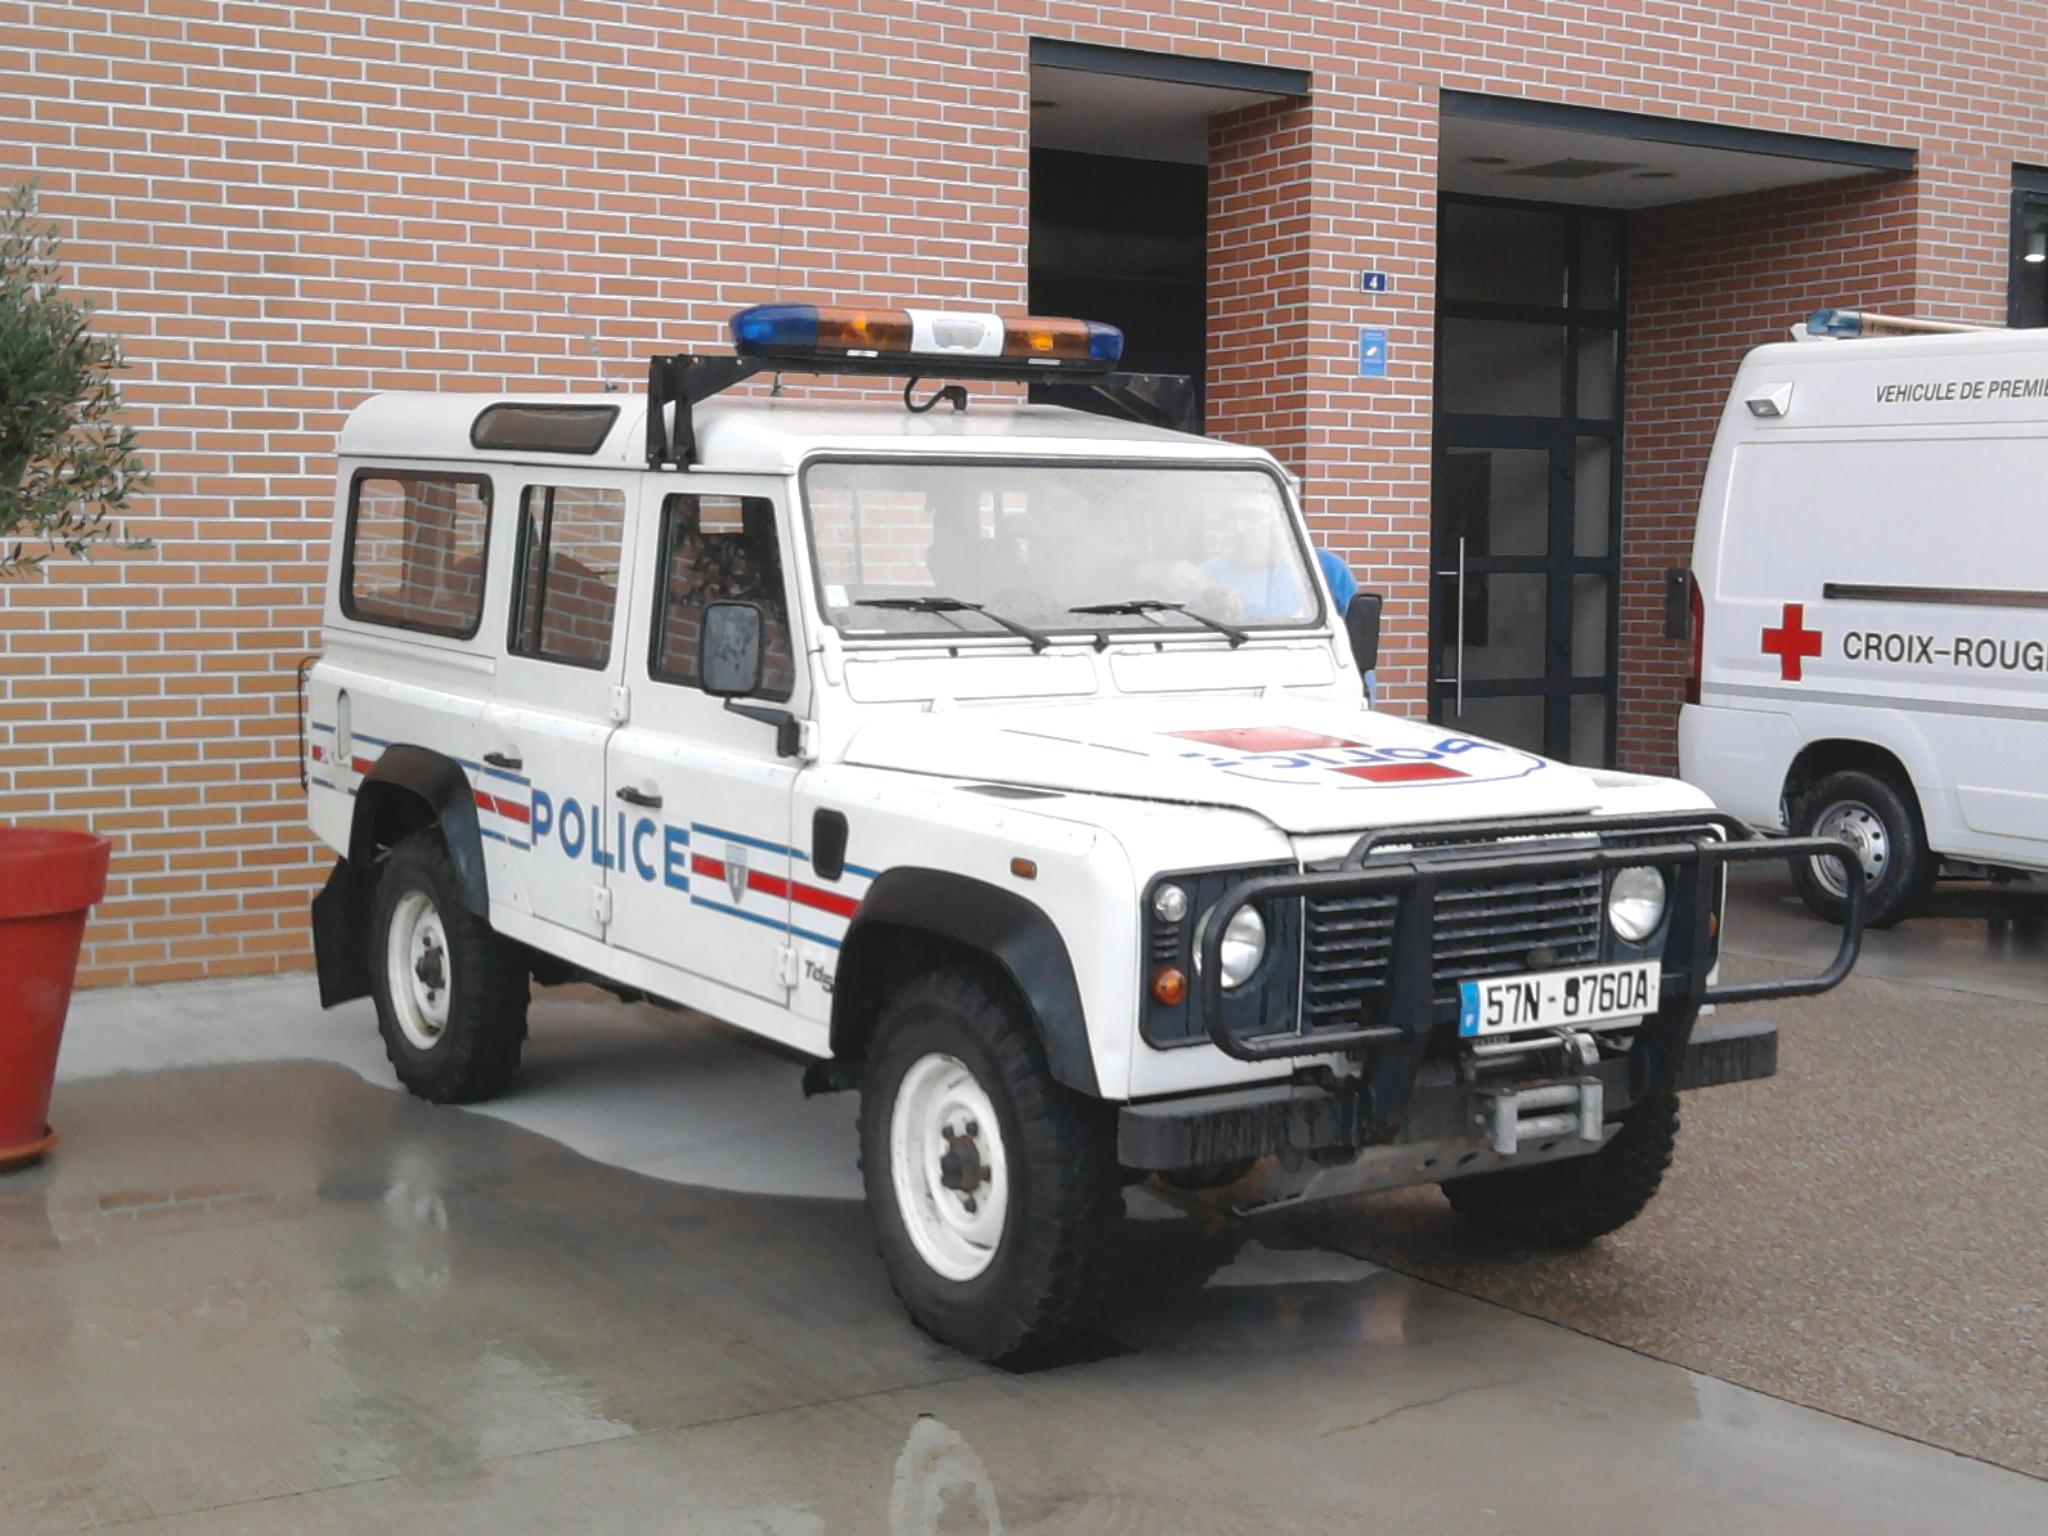 file land rover defender police nationale. Black Bedroom Furniture Sets. Home Design Ideas